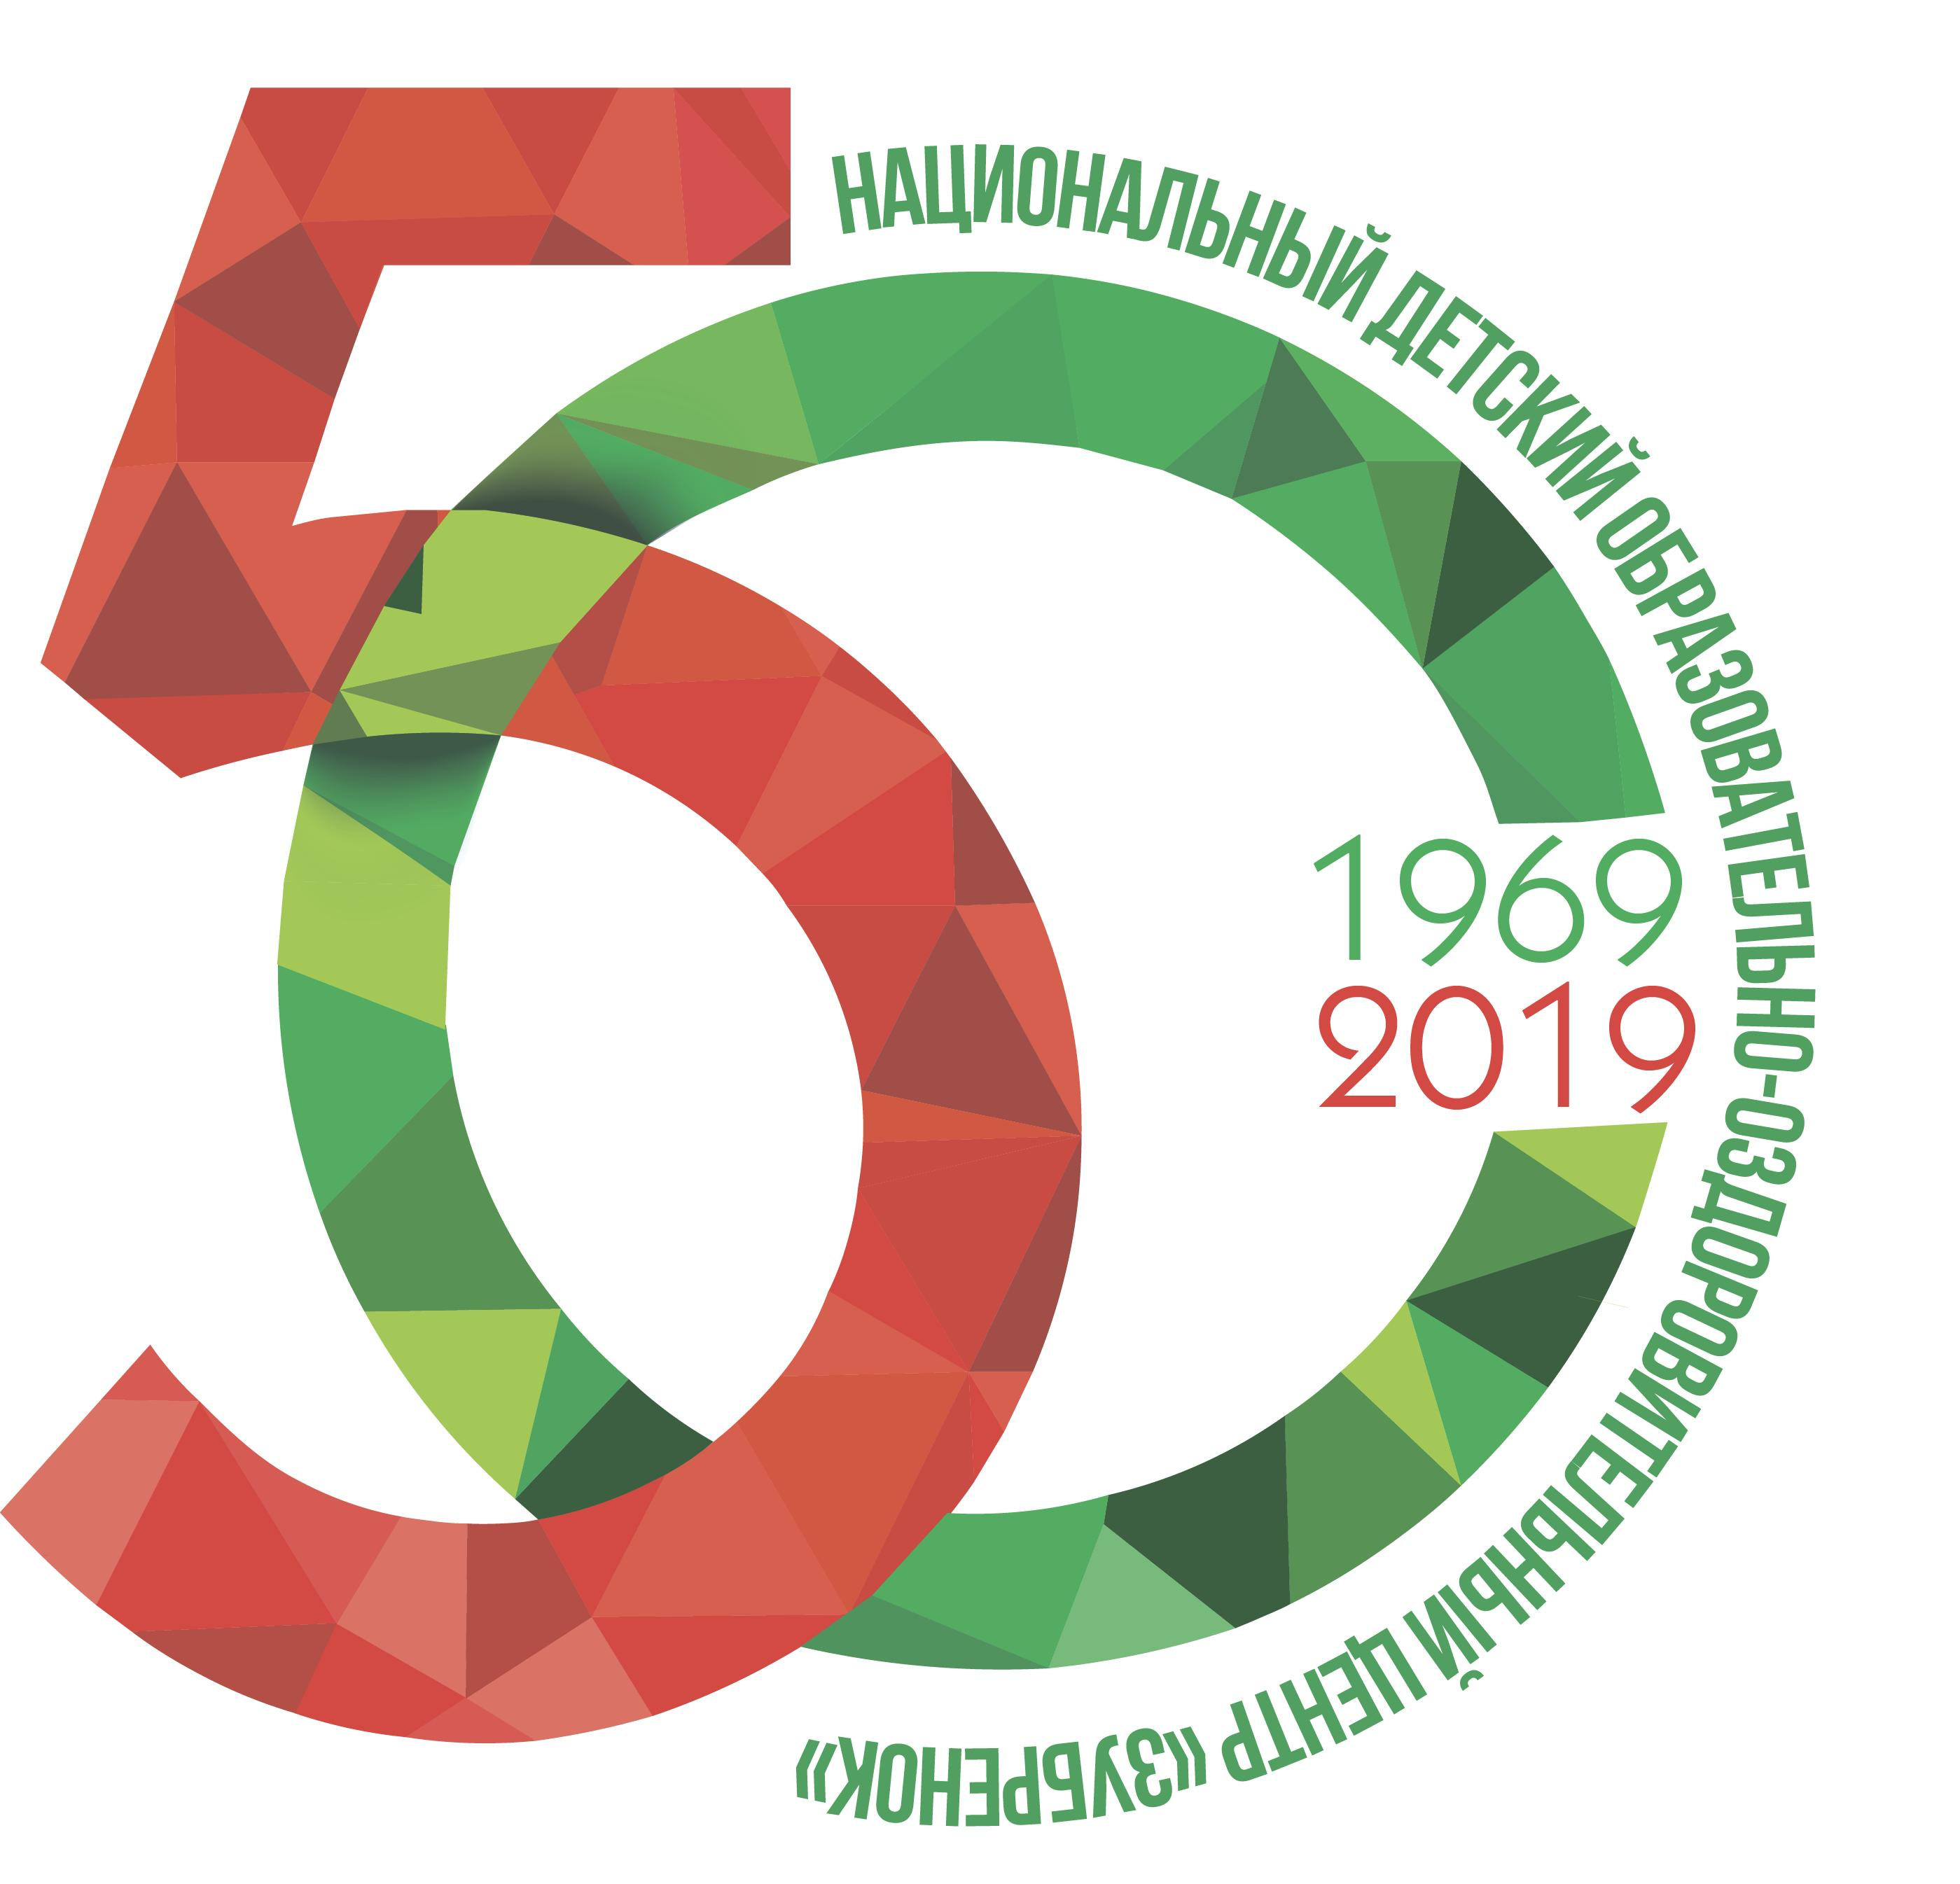 Приложение 5 Логотип мероприятия